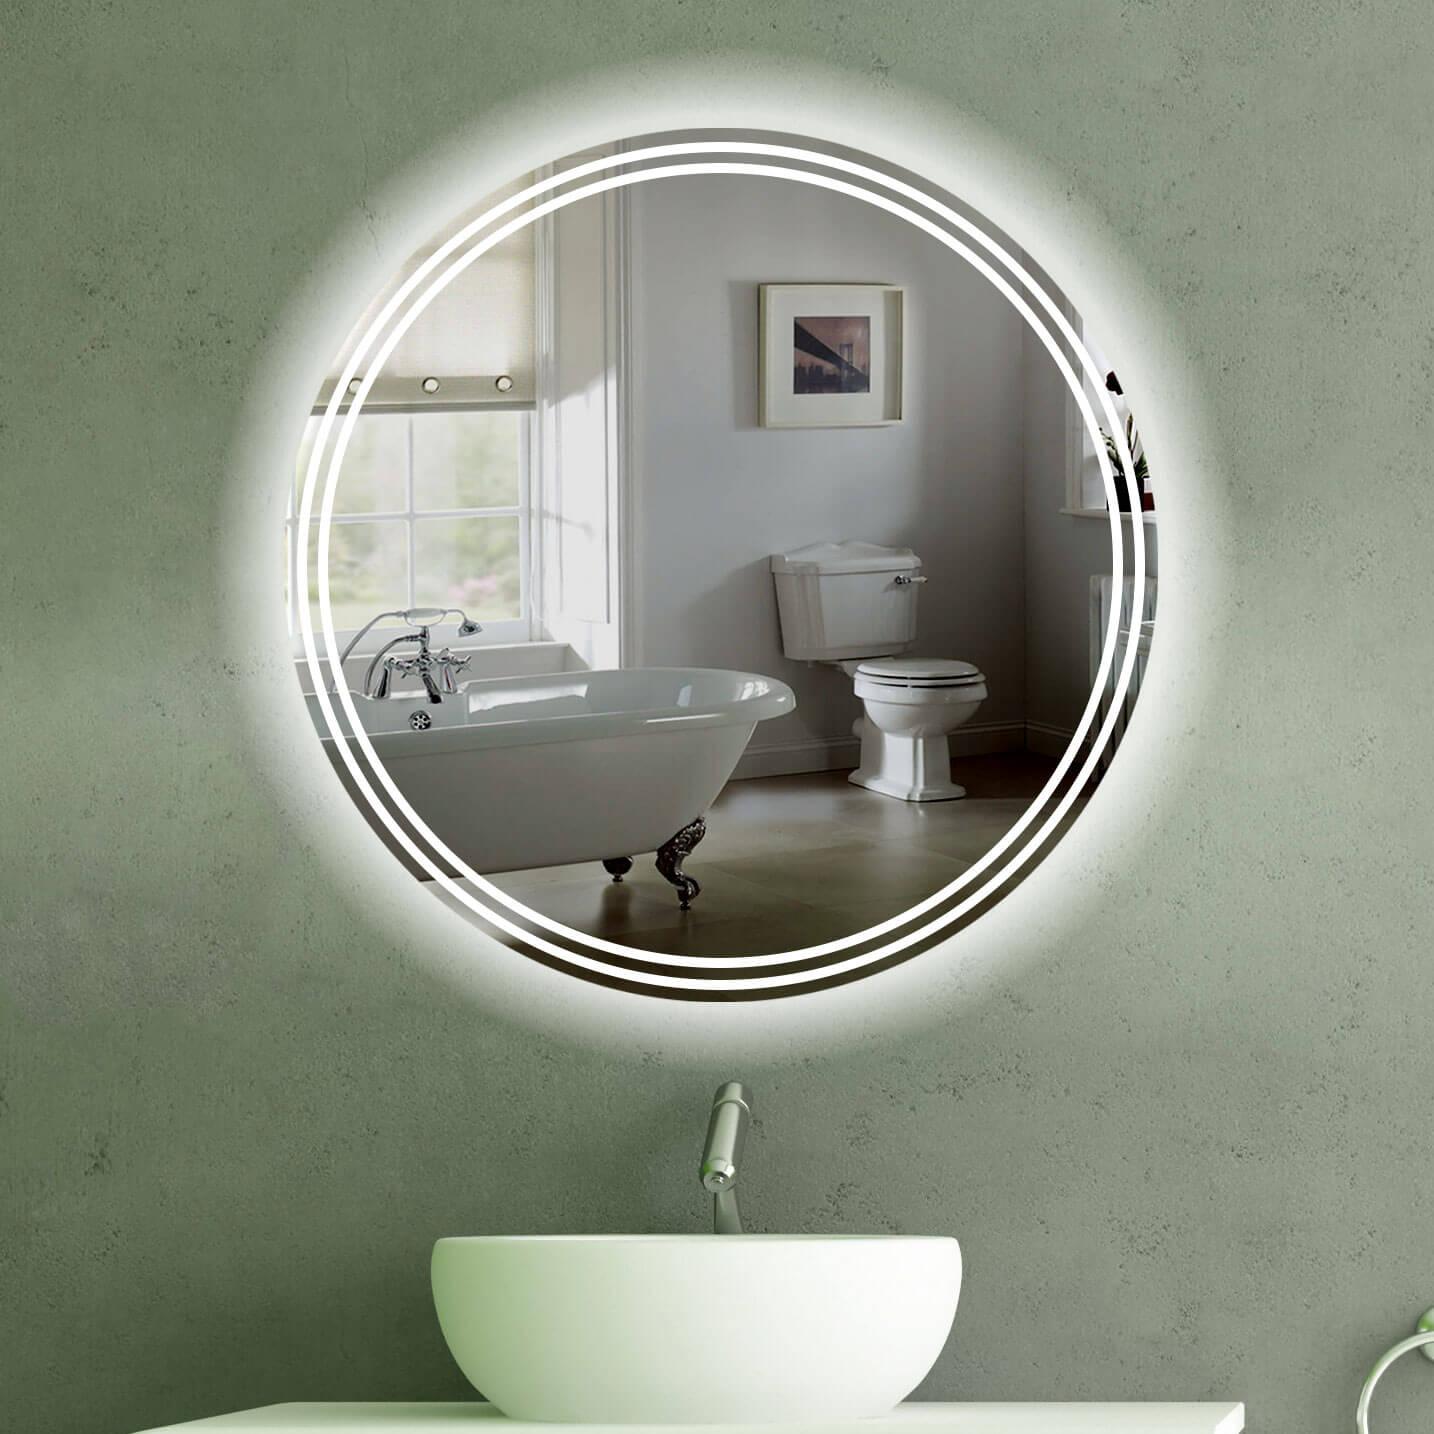 Spiegel mit beleuchtung rund  Badspiegel mit Beleuchtung | Spiegel |TÜV geprüft| kostenloser Versand